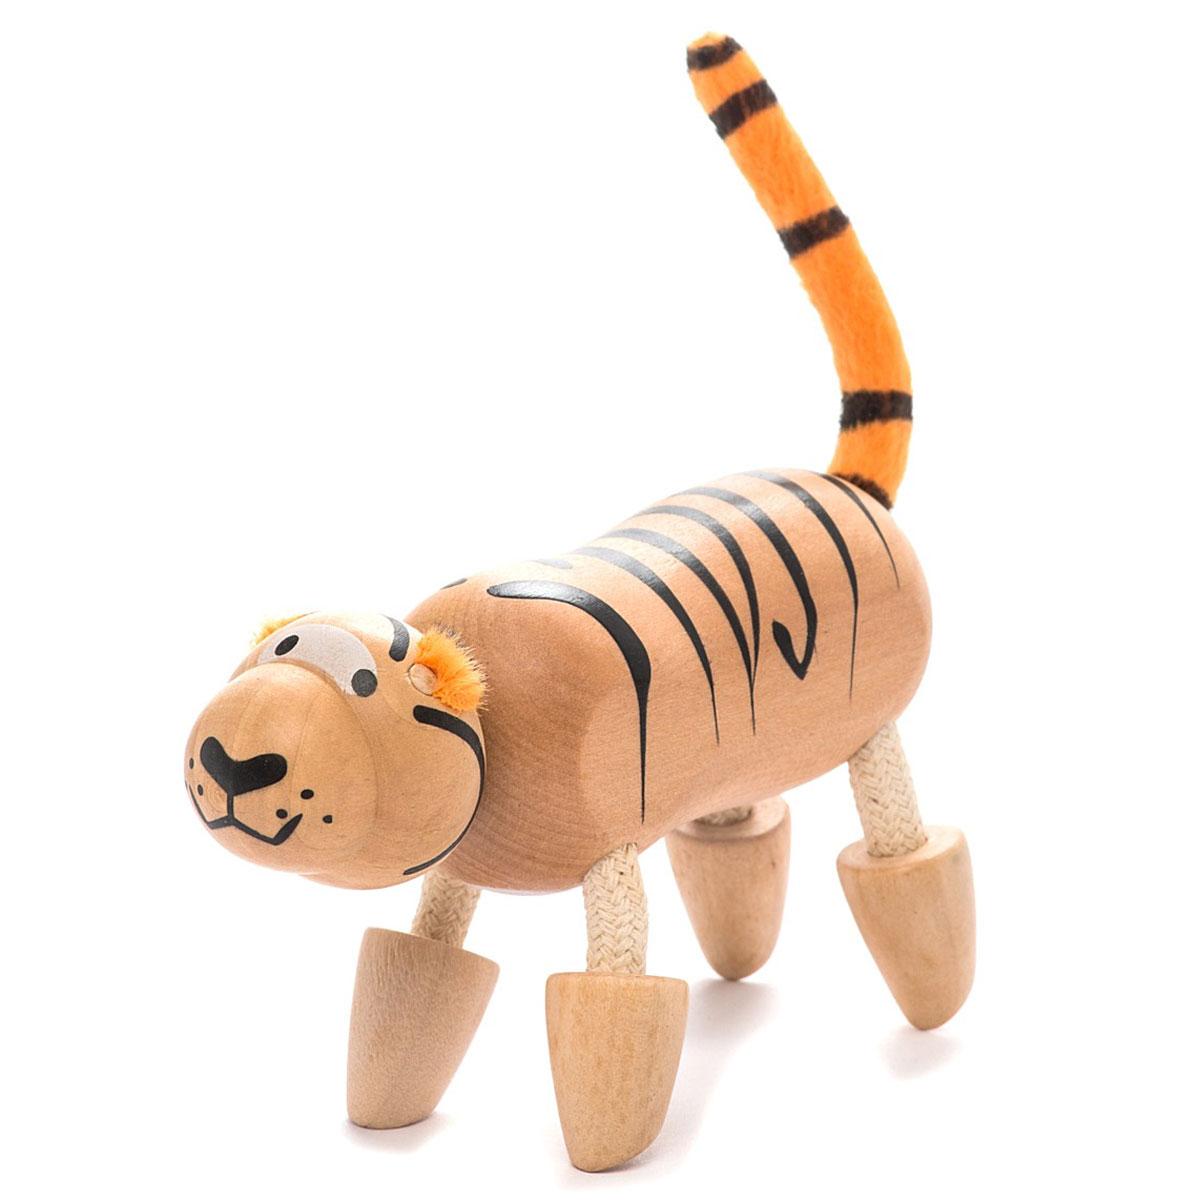 AnaMalz Фигурка деревянная ТигренокTI2010У деревянного тигренка Anamalz длинное тело с черными полосками и пушистый хвостик. Ноги свободно гнутся. Игрушка изготовлена из экологичных материалов: дерева, натуральных тканей и веревки. Фигурка раскрашена вручную безопасными для детей красками. Anamalz - это качественные экологичные игрушки родом из Австралии. В 2007 году дизайнер Луиза Козон-Скотт вместе с мужем решили встряхнуть индустрию деревянных игрушек и сделать их более уютными и пластичными. Эти качества и отличают фигурки Anamalz и сегодня. Благодаря гнущимся деталям звери могут оживать, принимая разные позы. Деревянные игрушки дополнены тканевыми элементами, причем ткани используются только натуральные: хлопок, шерсть, шелк. Фигурки производятся из вечнозеленого дерева шима (или игольчатое дерево), выращивается оно на лесных плантациях в Китае.